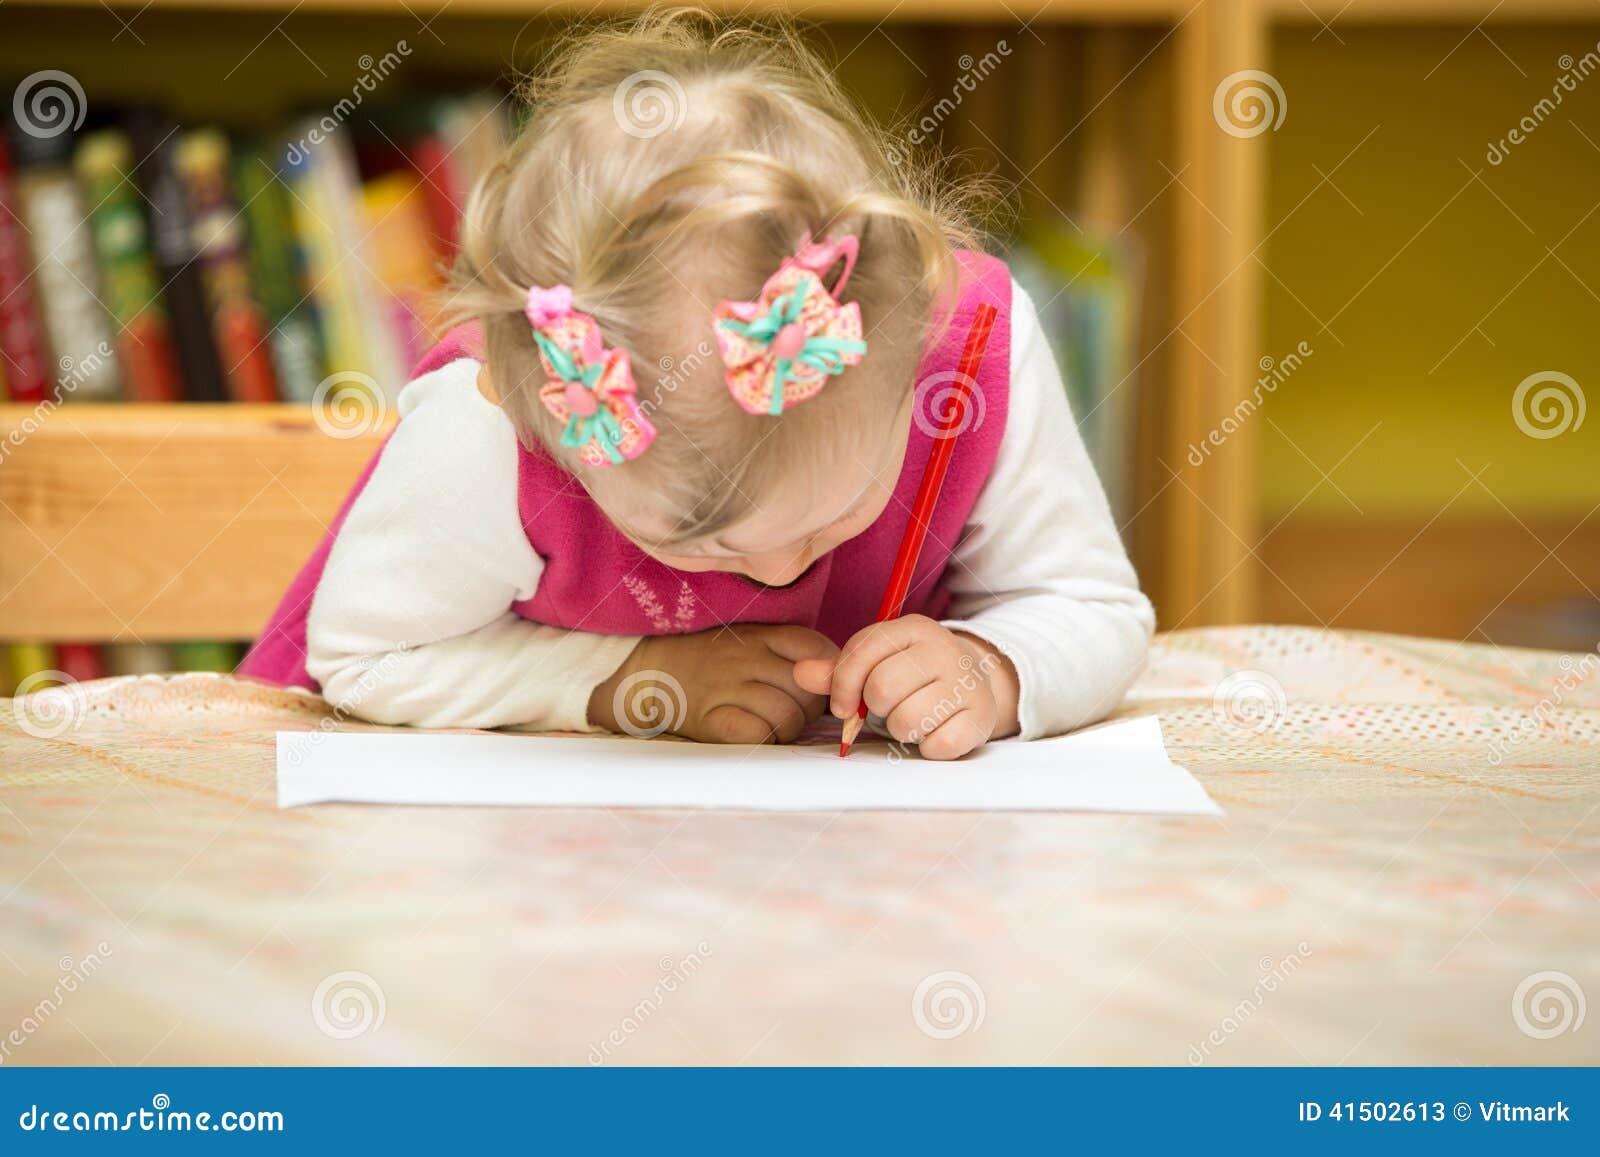 Dessin de fille d 39 enfant avec les crayons color s dans l 39 cole maternelle la table dessin de for Dessin de table de jardin